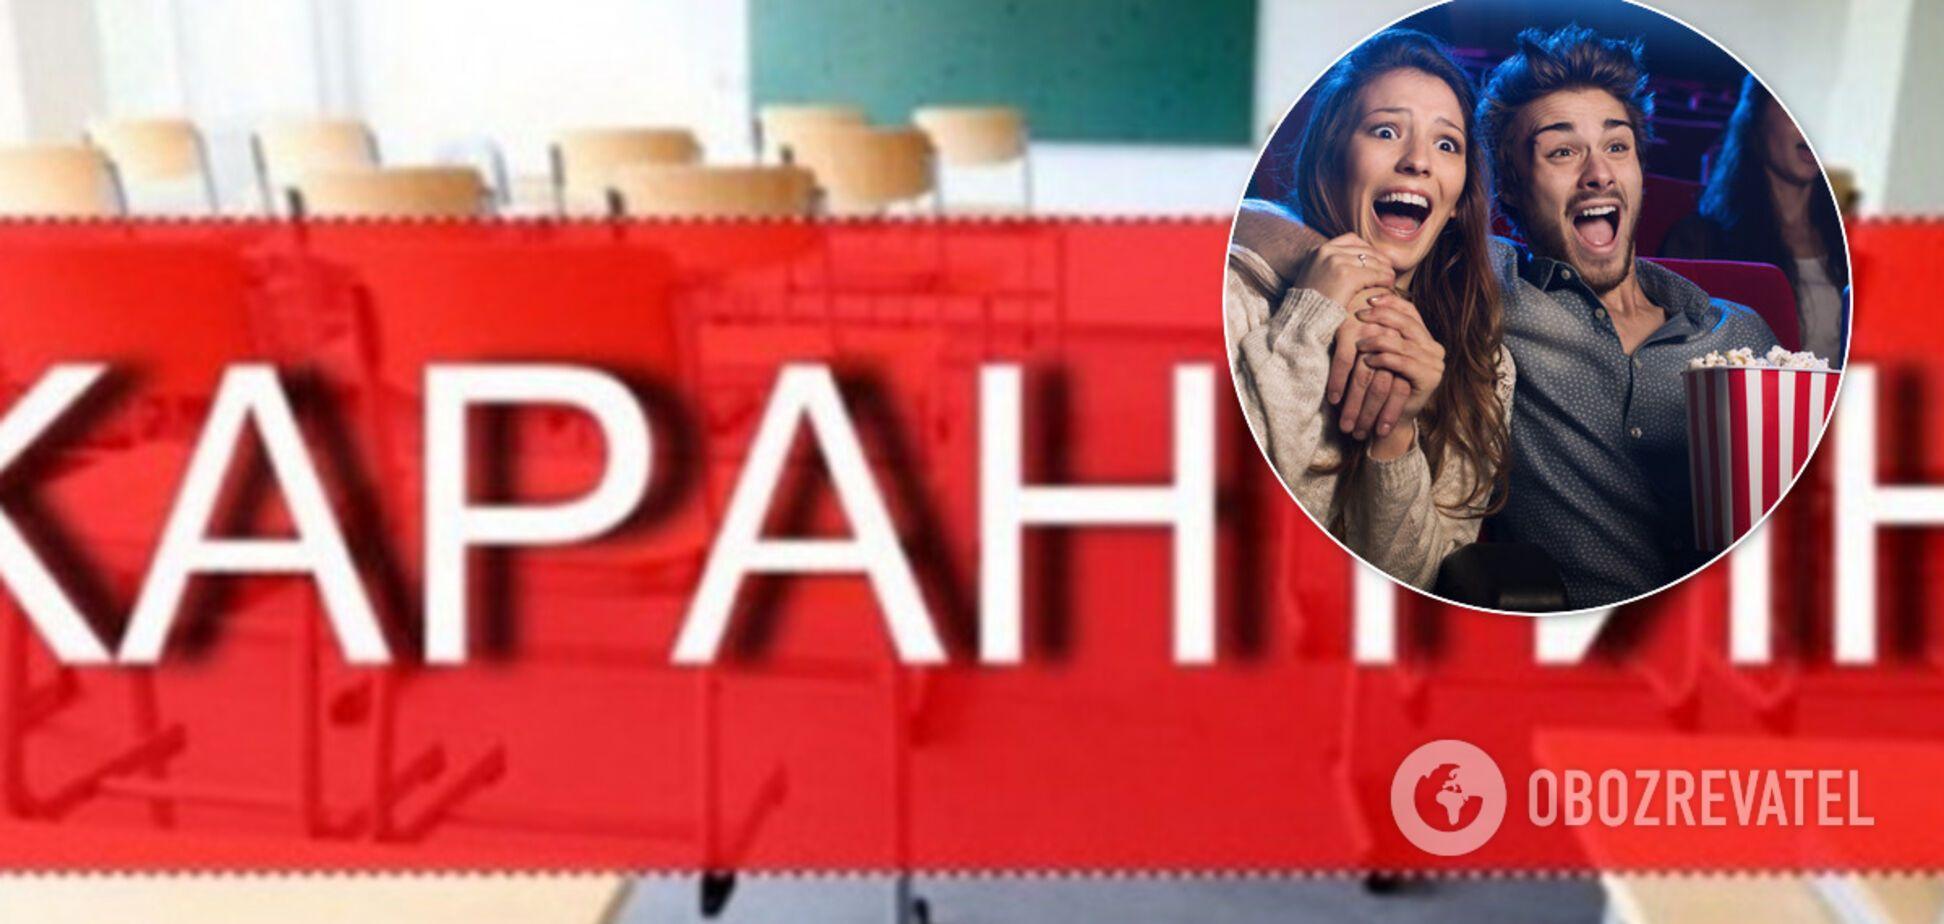 Карантин у Києві через коронавірус: діти вдома, кінотеатри закриваються, в магазинах ажіотаж